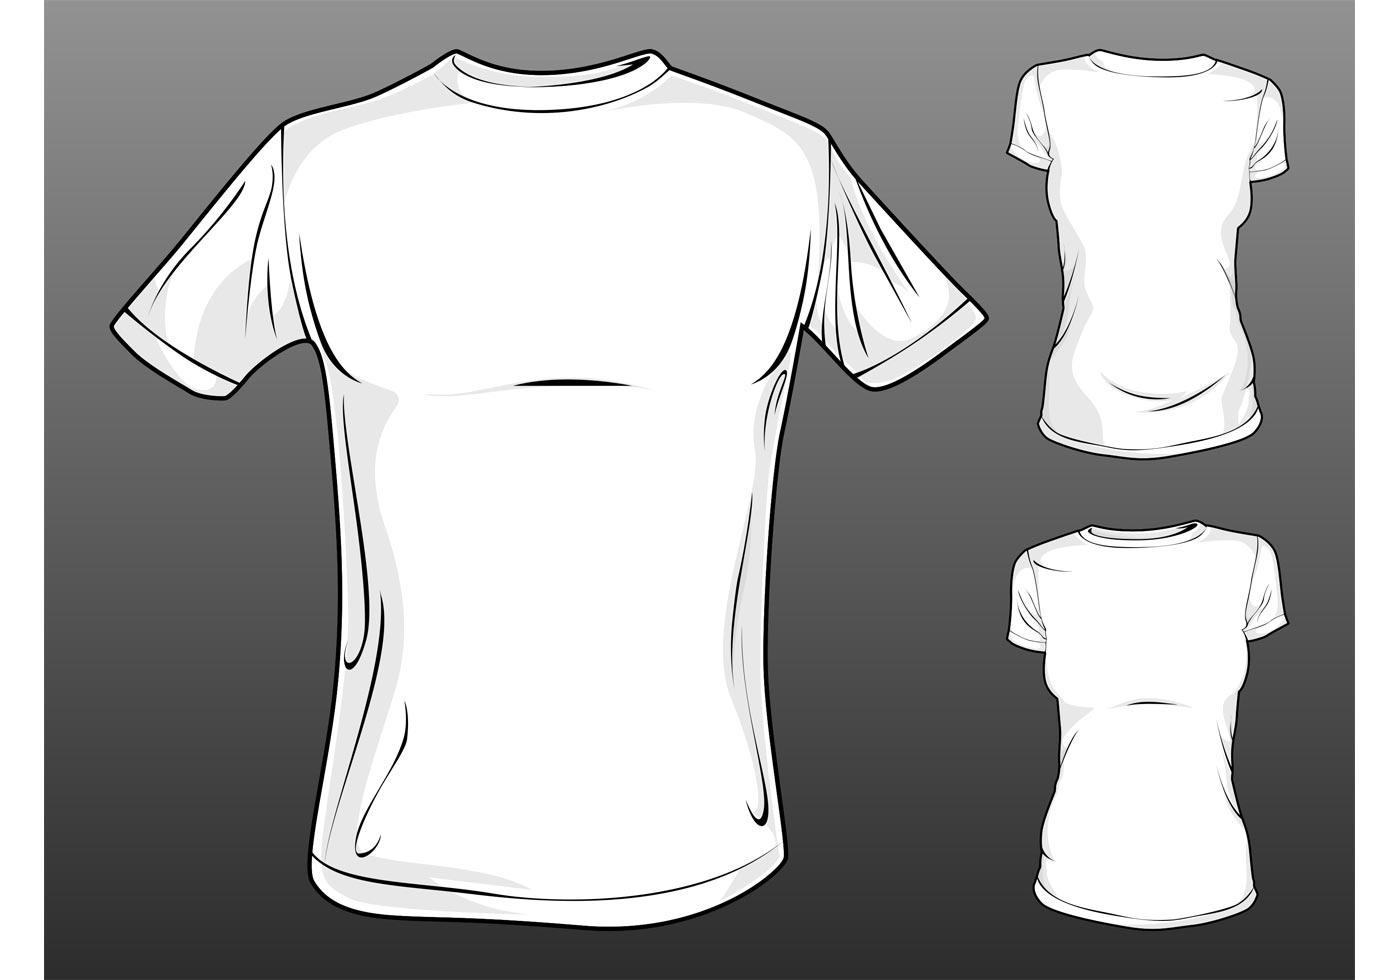 Cartoon t shirt free vector art 8979 free downloads for How to make t shirt art